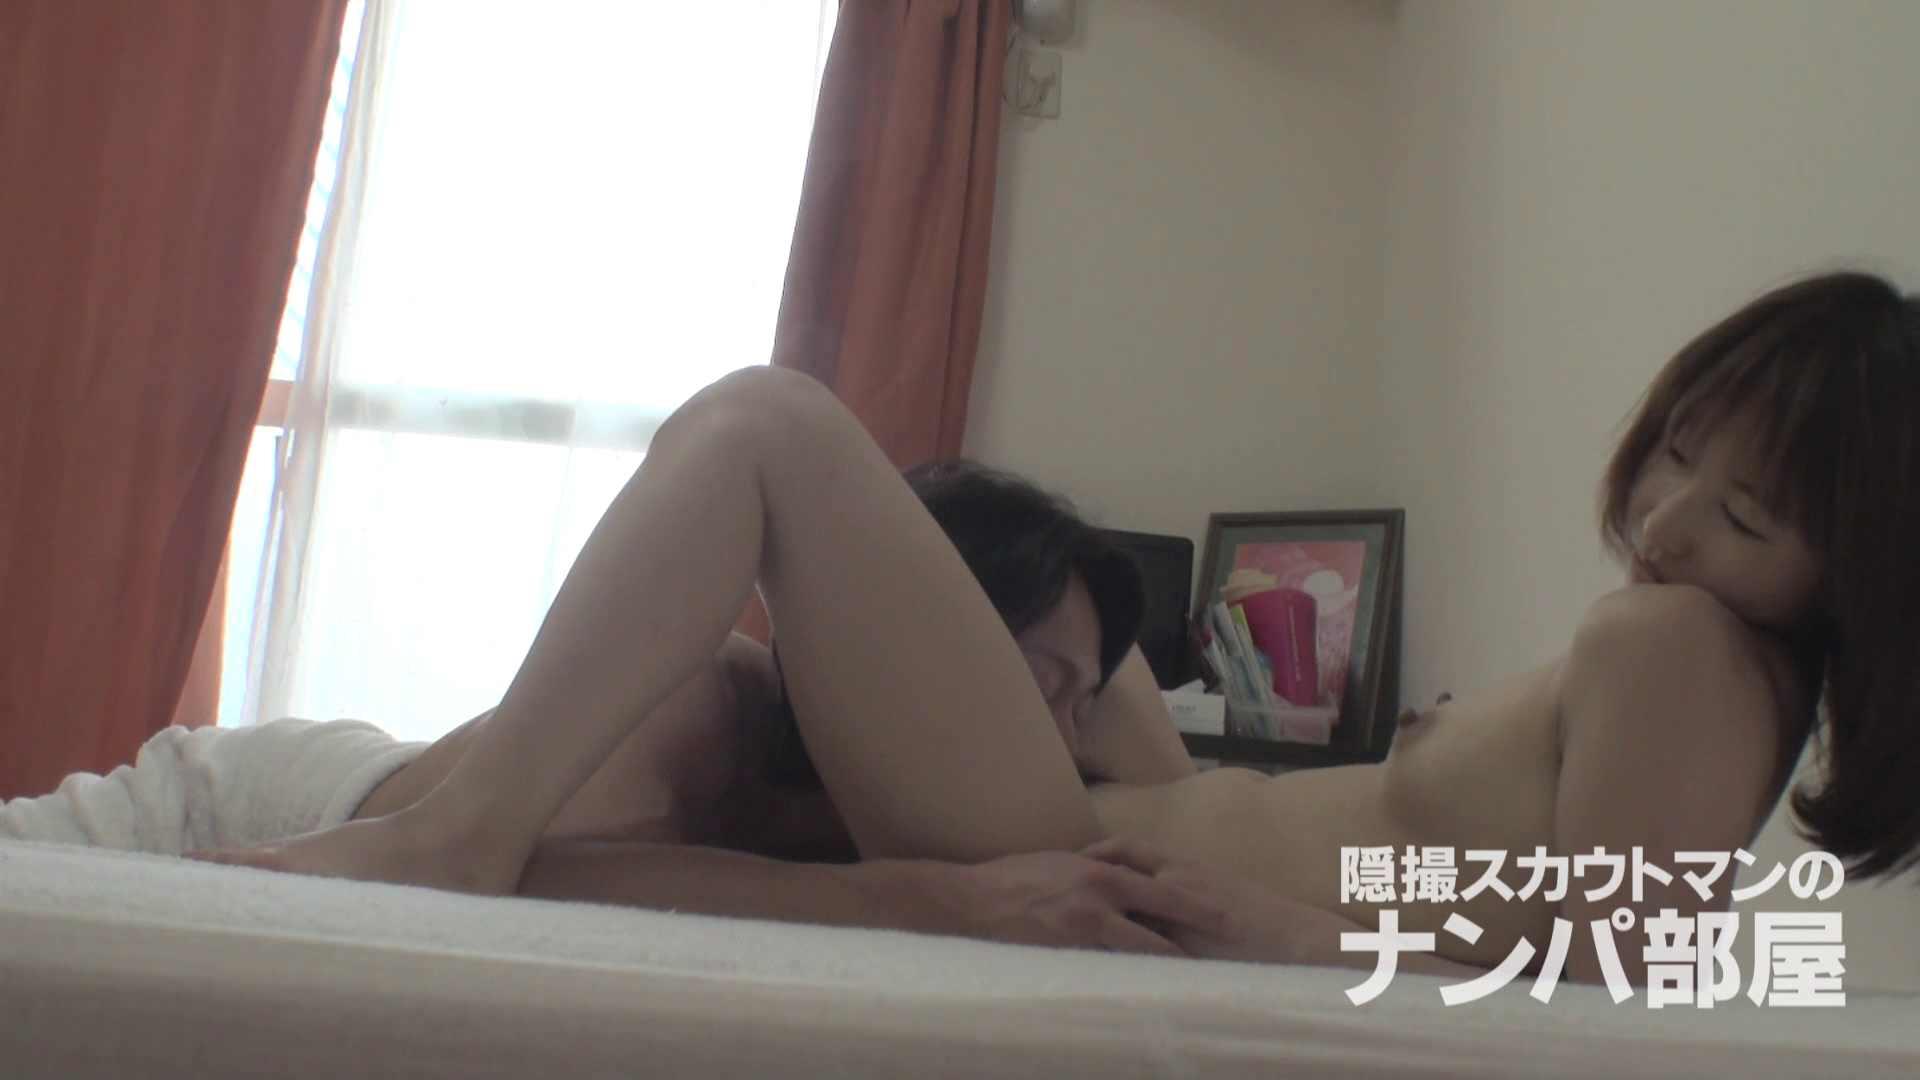 隠撮スカウトマンのナンパ部屋~風俗デビュー前のつまみ食い~ sii 隠撮 | ナンパ  68連発 61